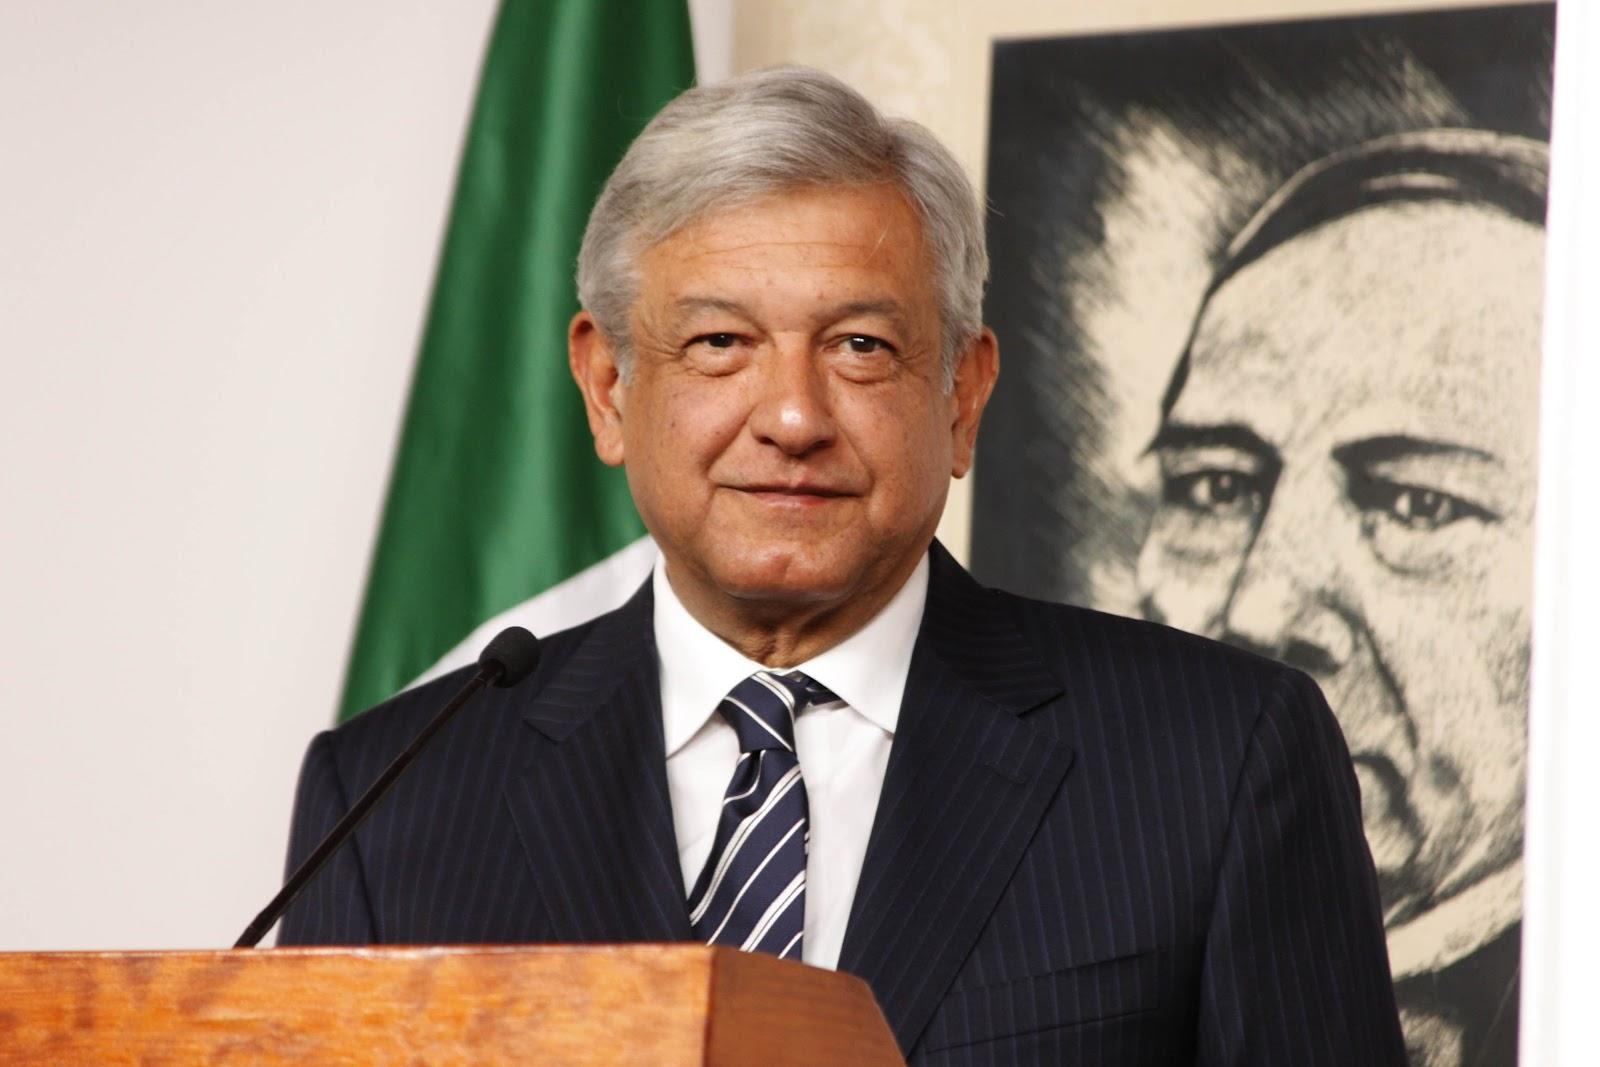 Con AMLO México sería como Venezuela, advierte Gómez del Campo   El Imparcial de Oaxaca